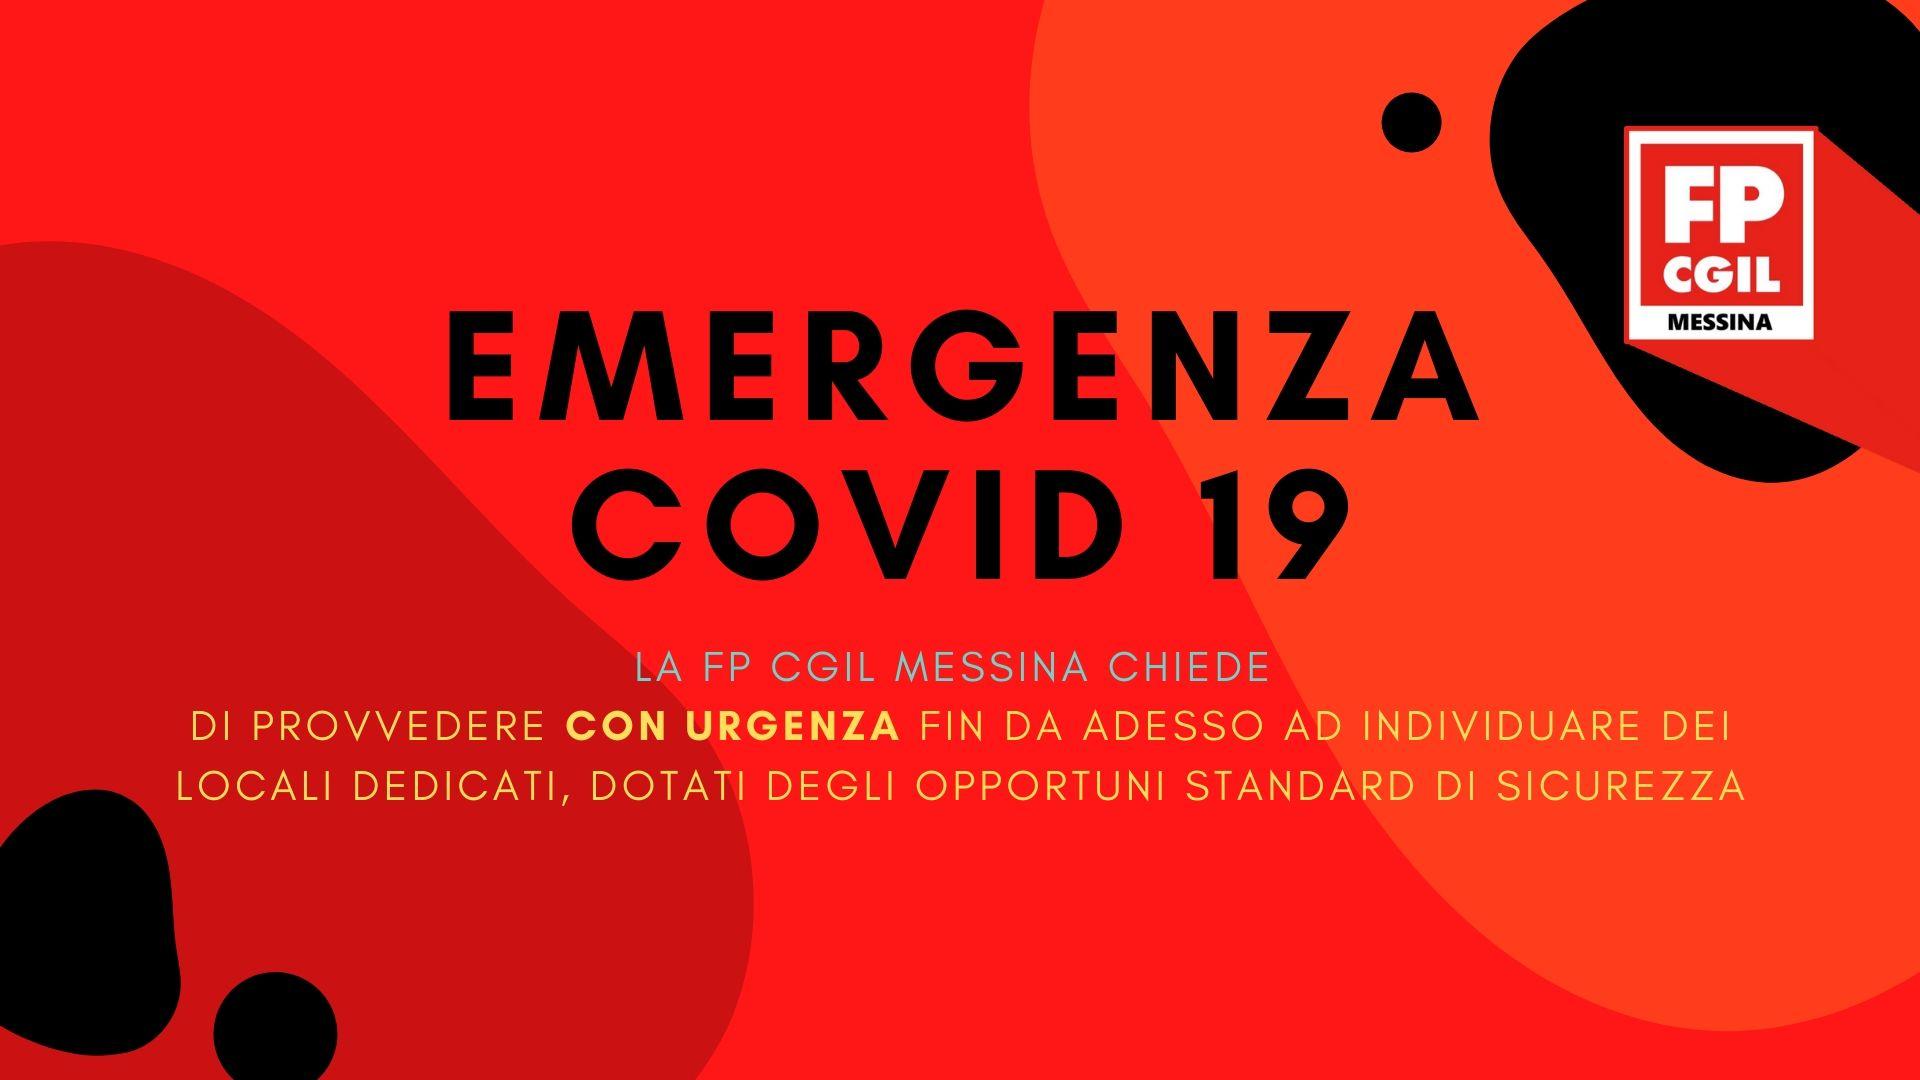 Emergenza covid 19 – Individuazione nuovi locali per esenzioni ticket per reddito.